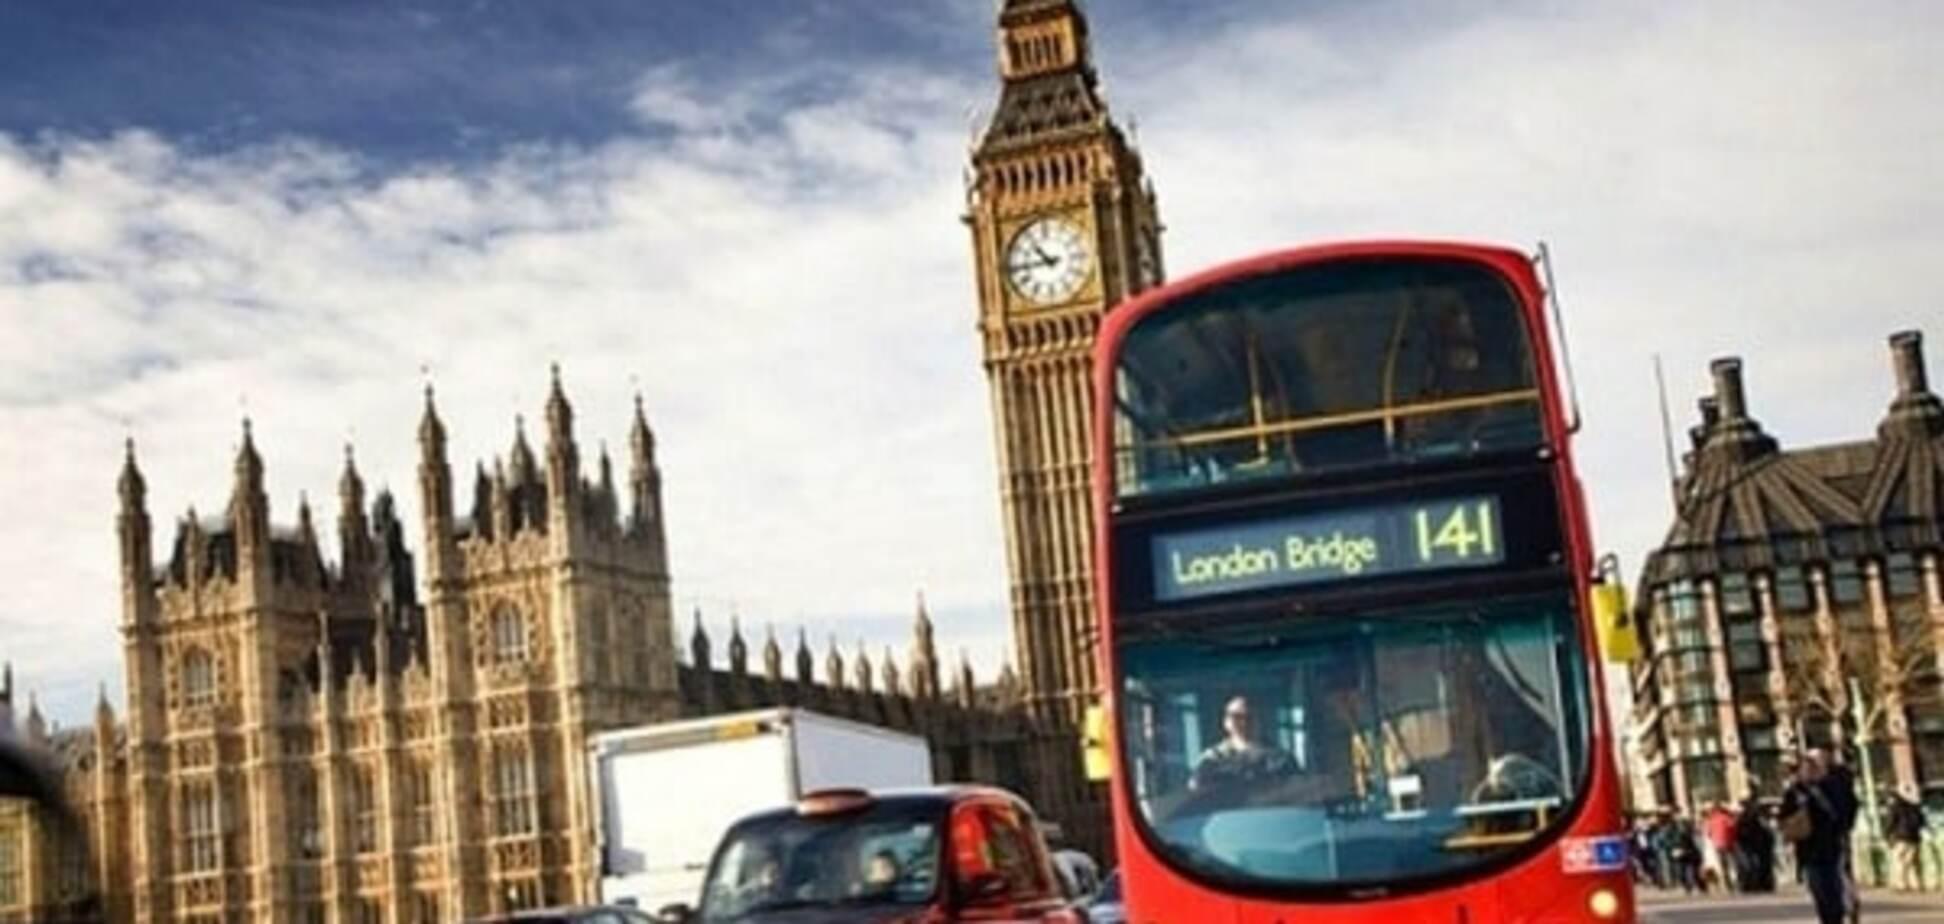 Європодорож на автобусі: доступно, недорого, перспективно